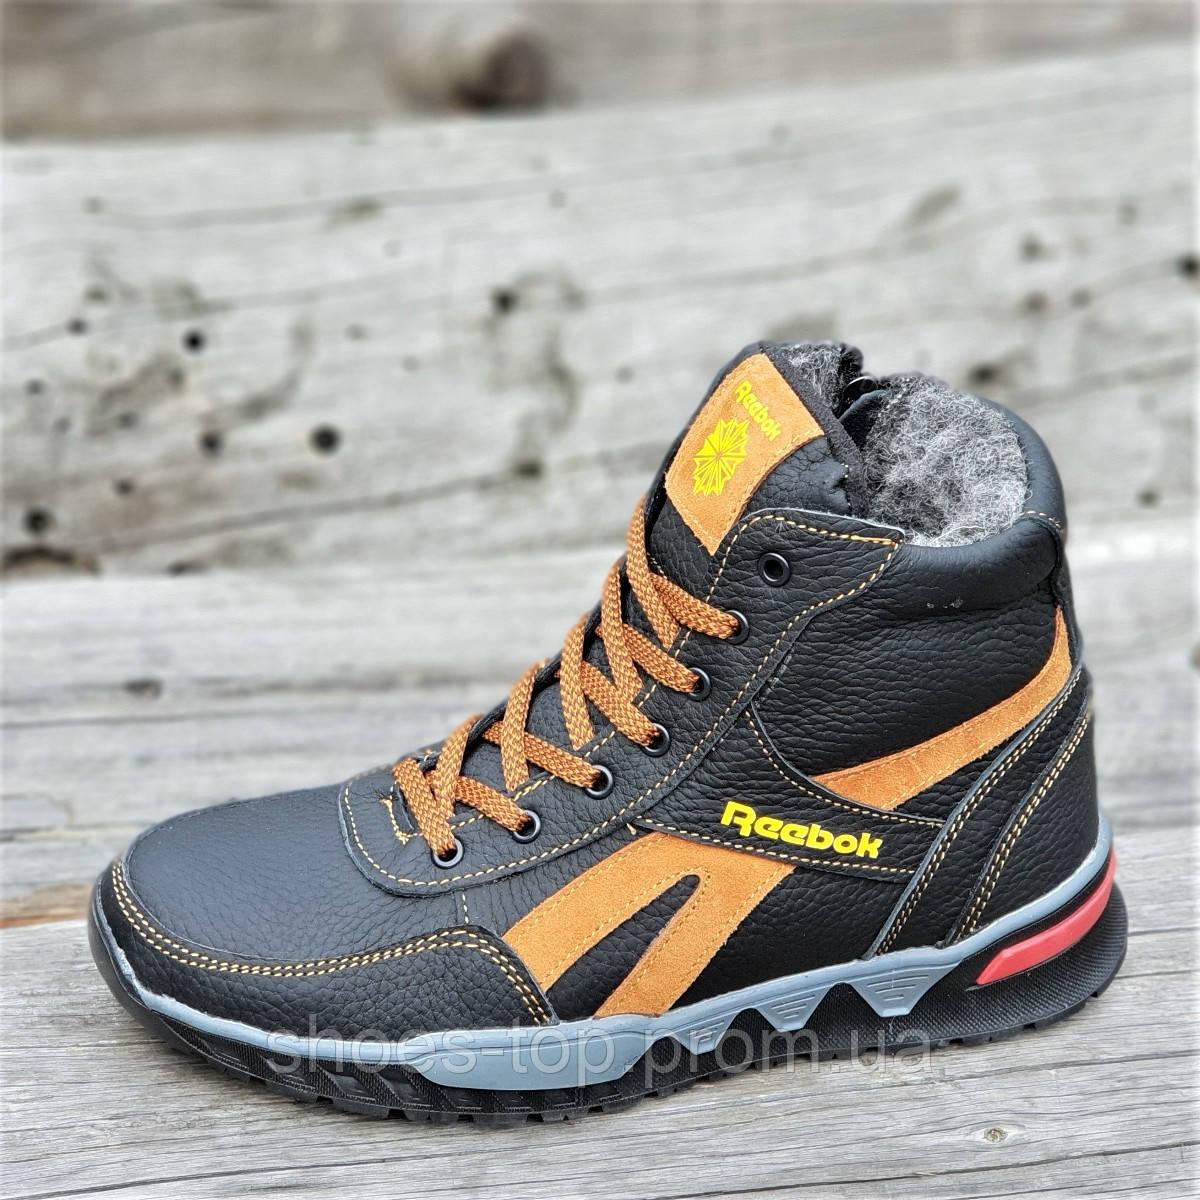 Подростковые зимние высокие кожаные кроссовки ботинки Reebok рибок реплика  мужские черные мех (Код  Ш1256 443ec273cc76f